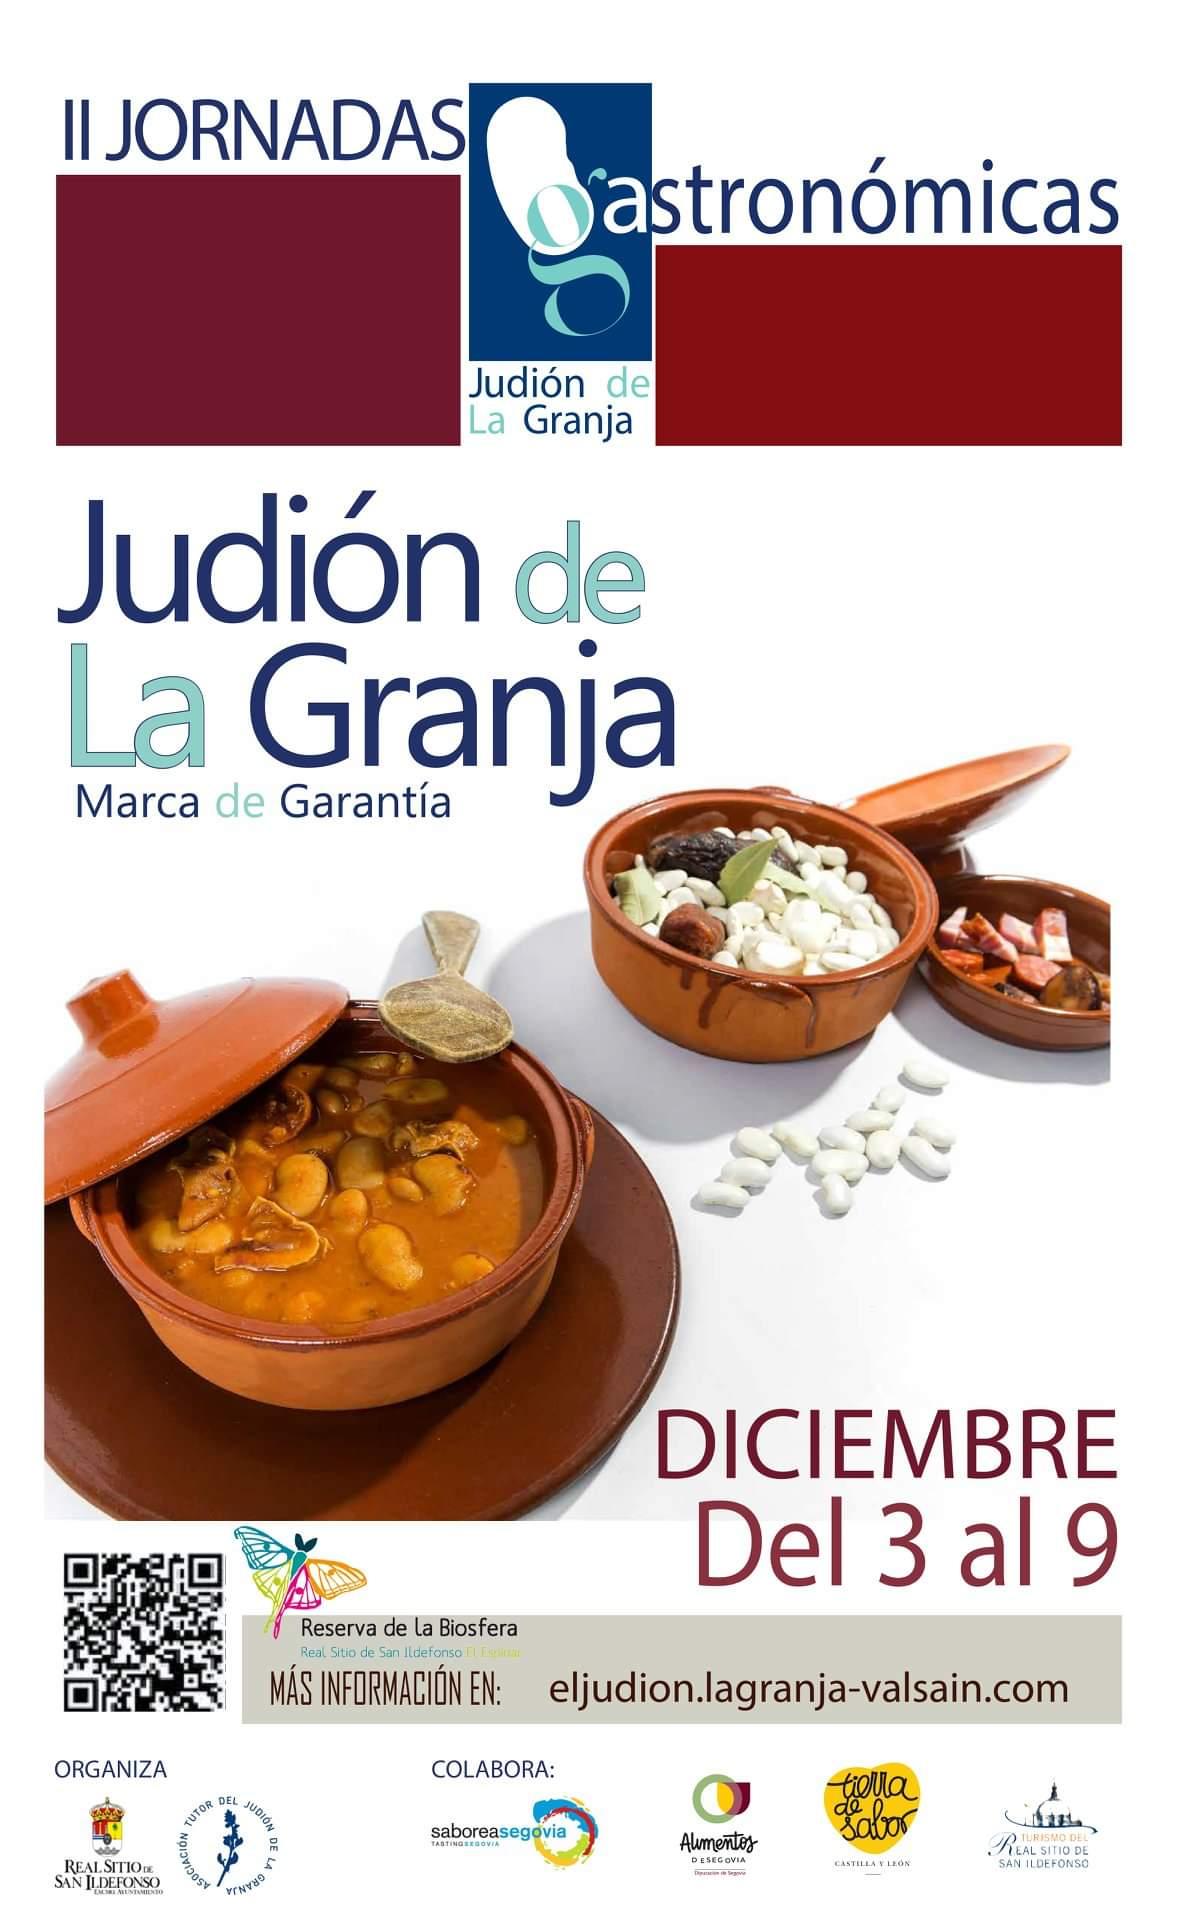 II Jornada Gastronómica del Judión de la Granja.